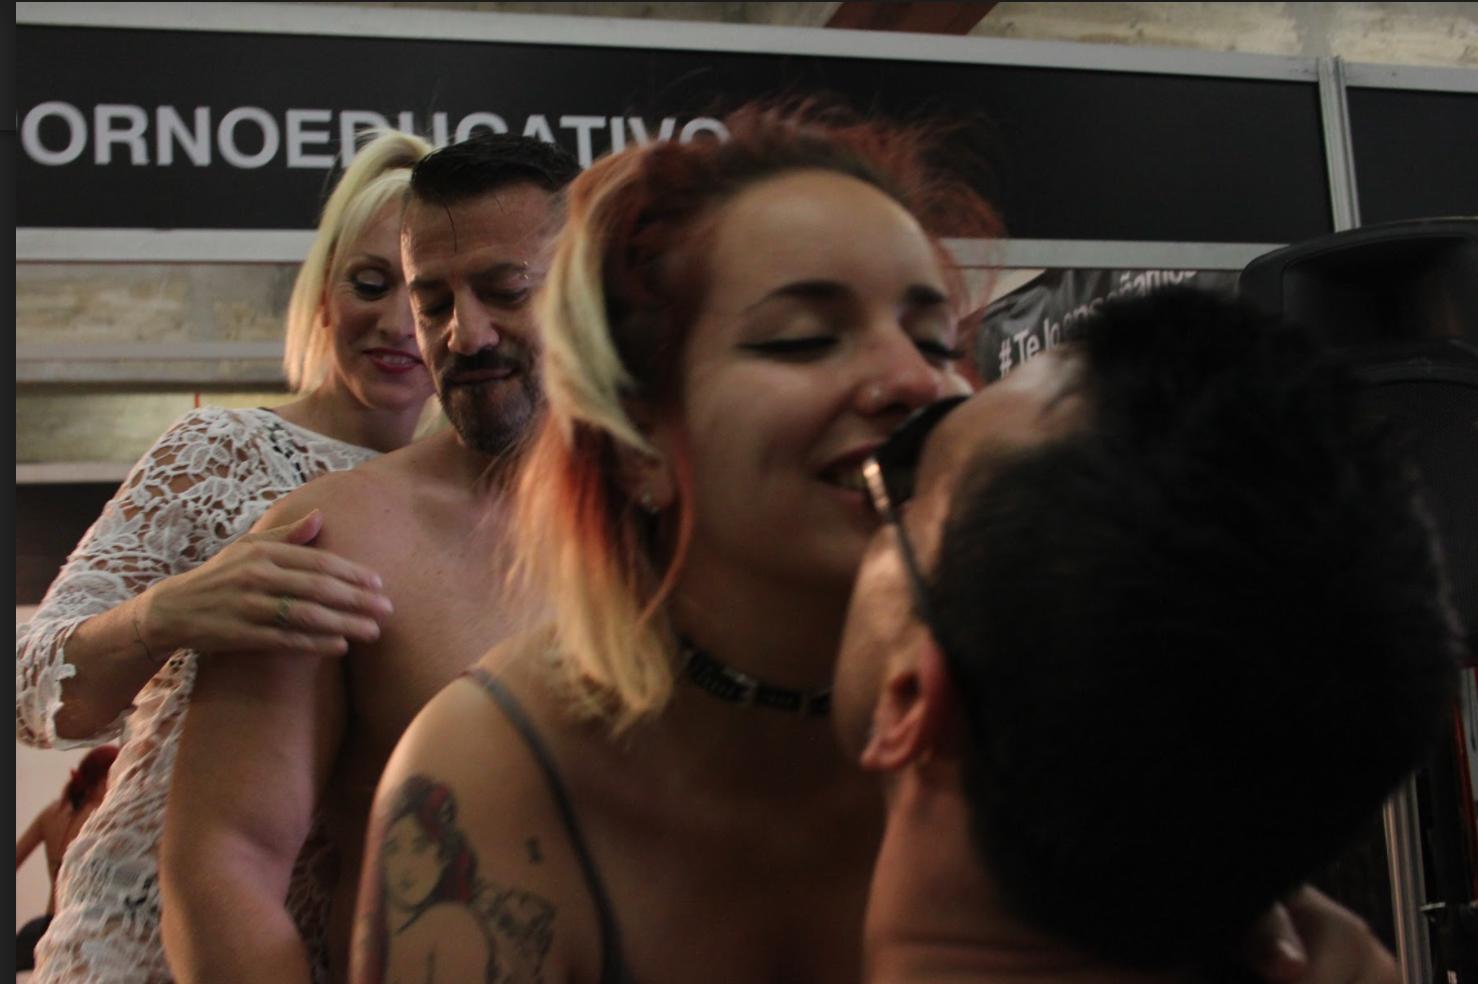 Actrices Salón Porno 2017 crónica del salón erótico de madrid 2017 - pornoeducativo